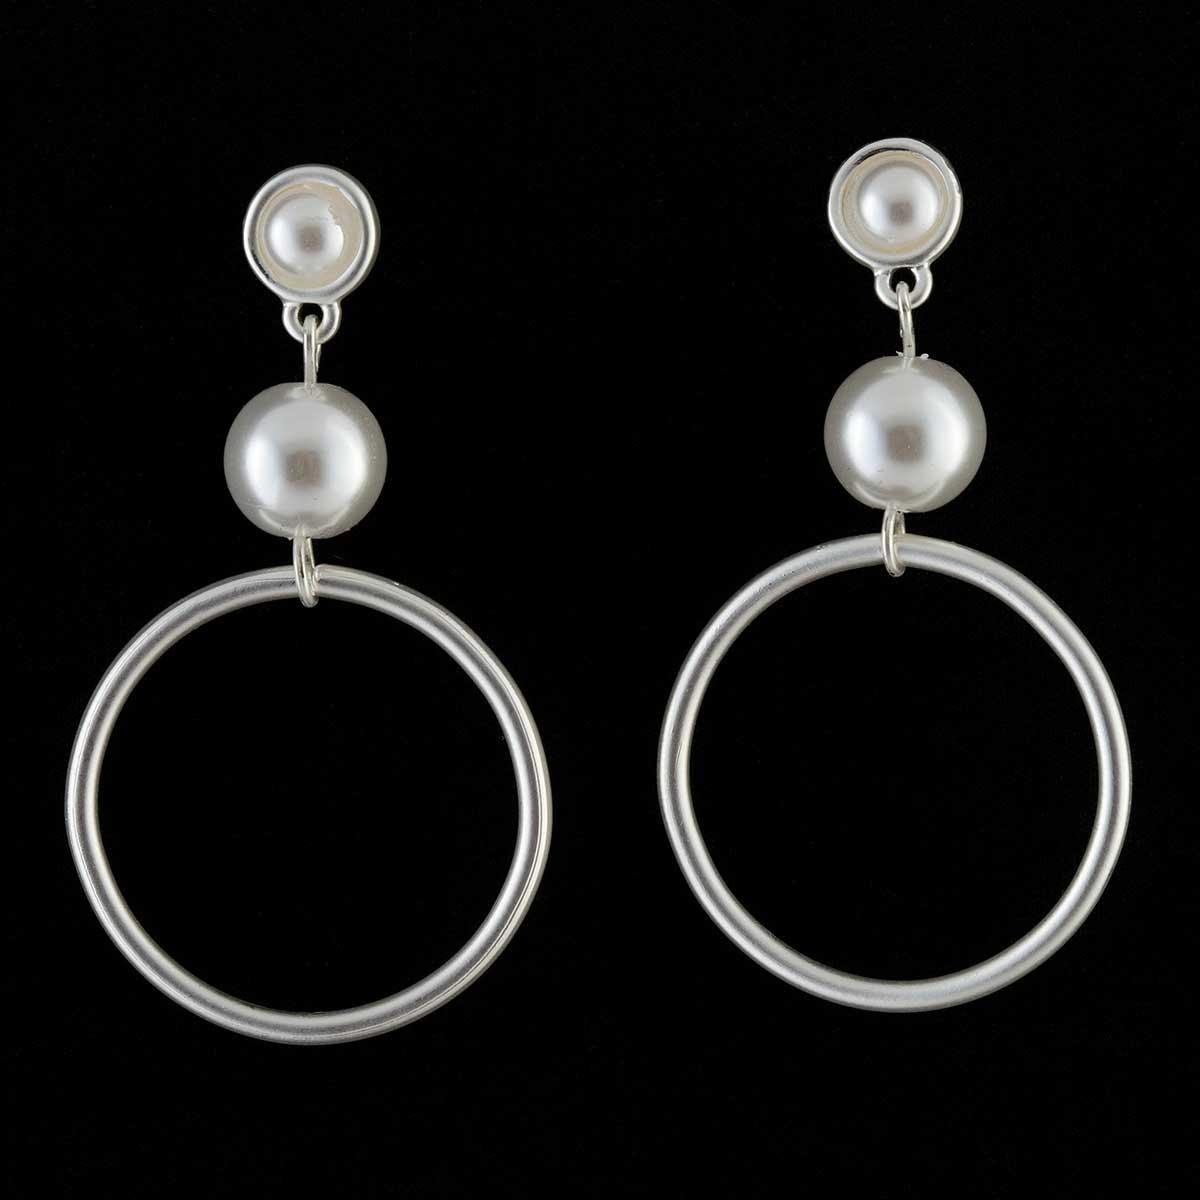 Satin Silver Hoop and Pearl Post Earrings